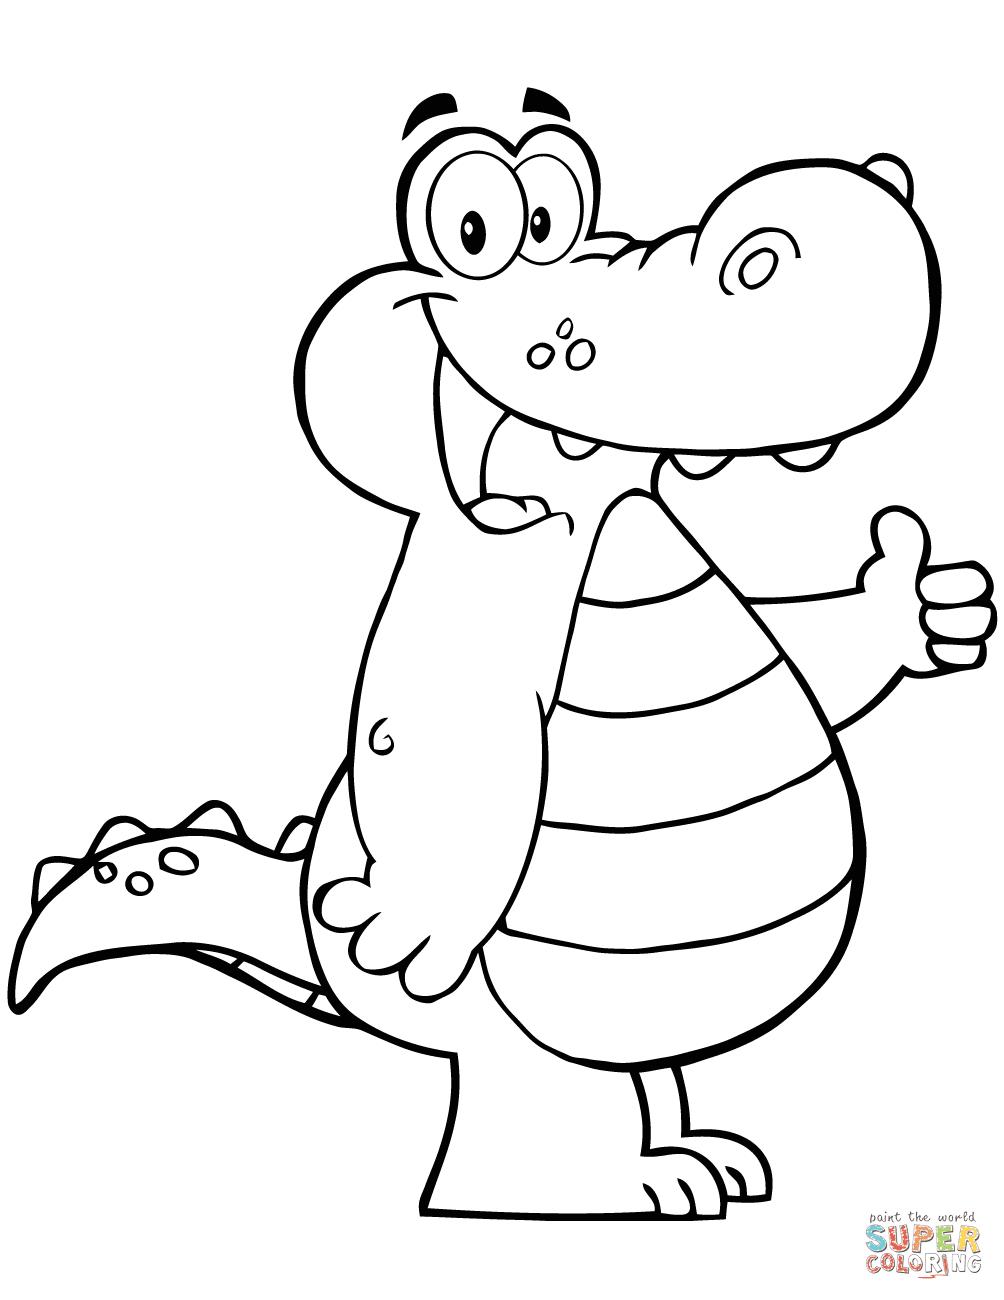 Dibujo De Cocodrilo De Dibujos Animados Para Colorear Dibujos Para